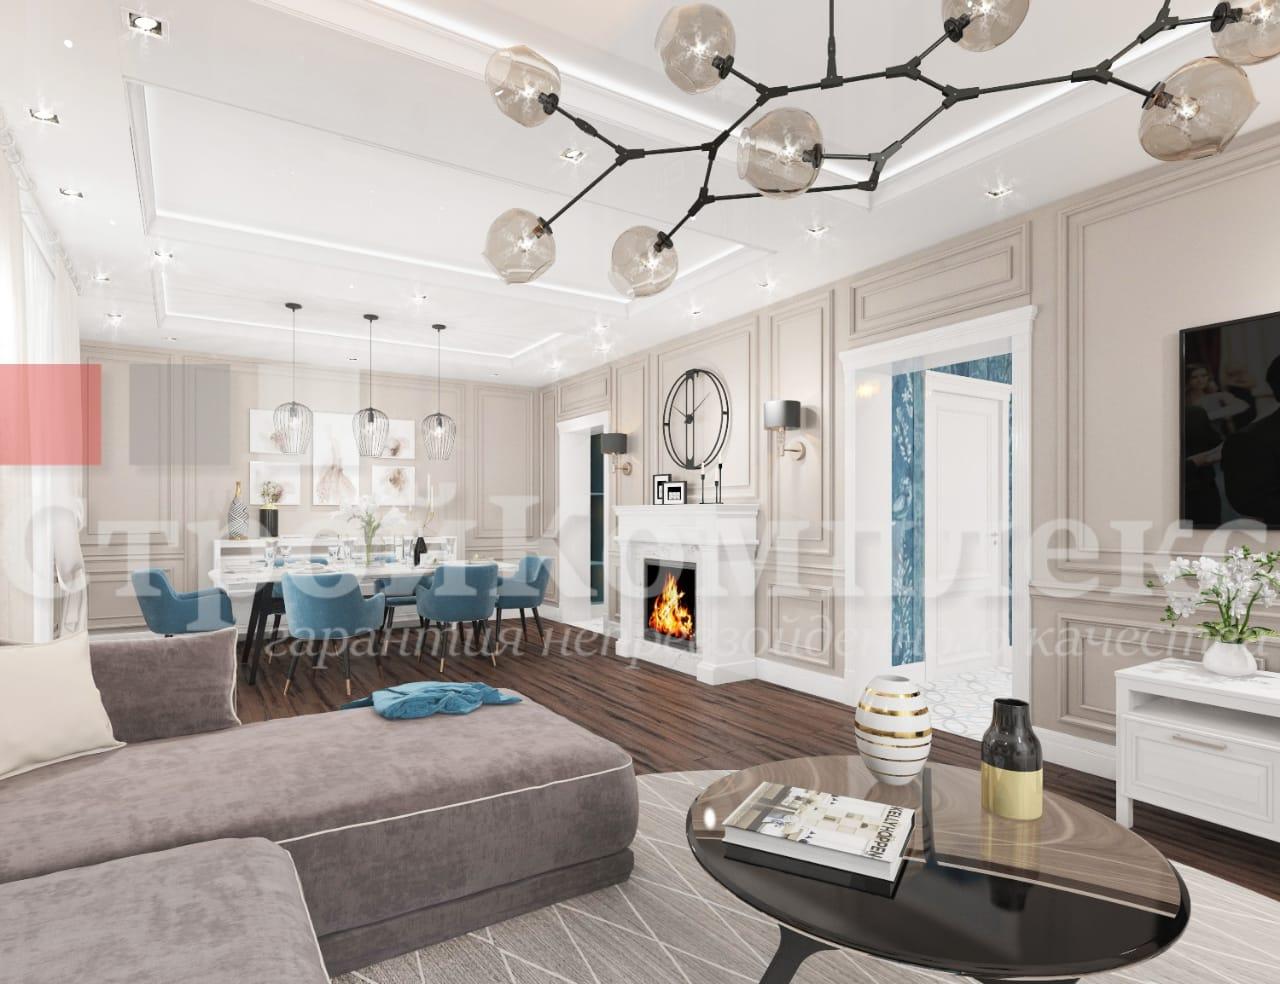 дизайн интерьера дома спб недорого